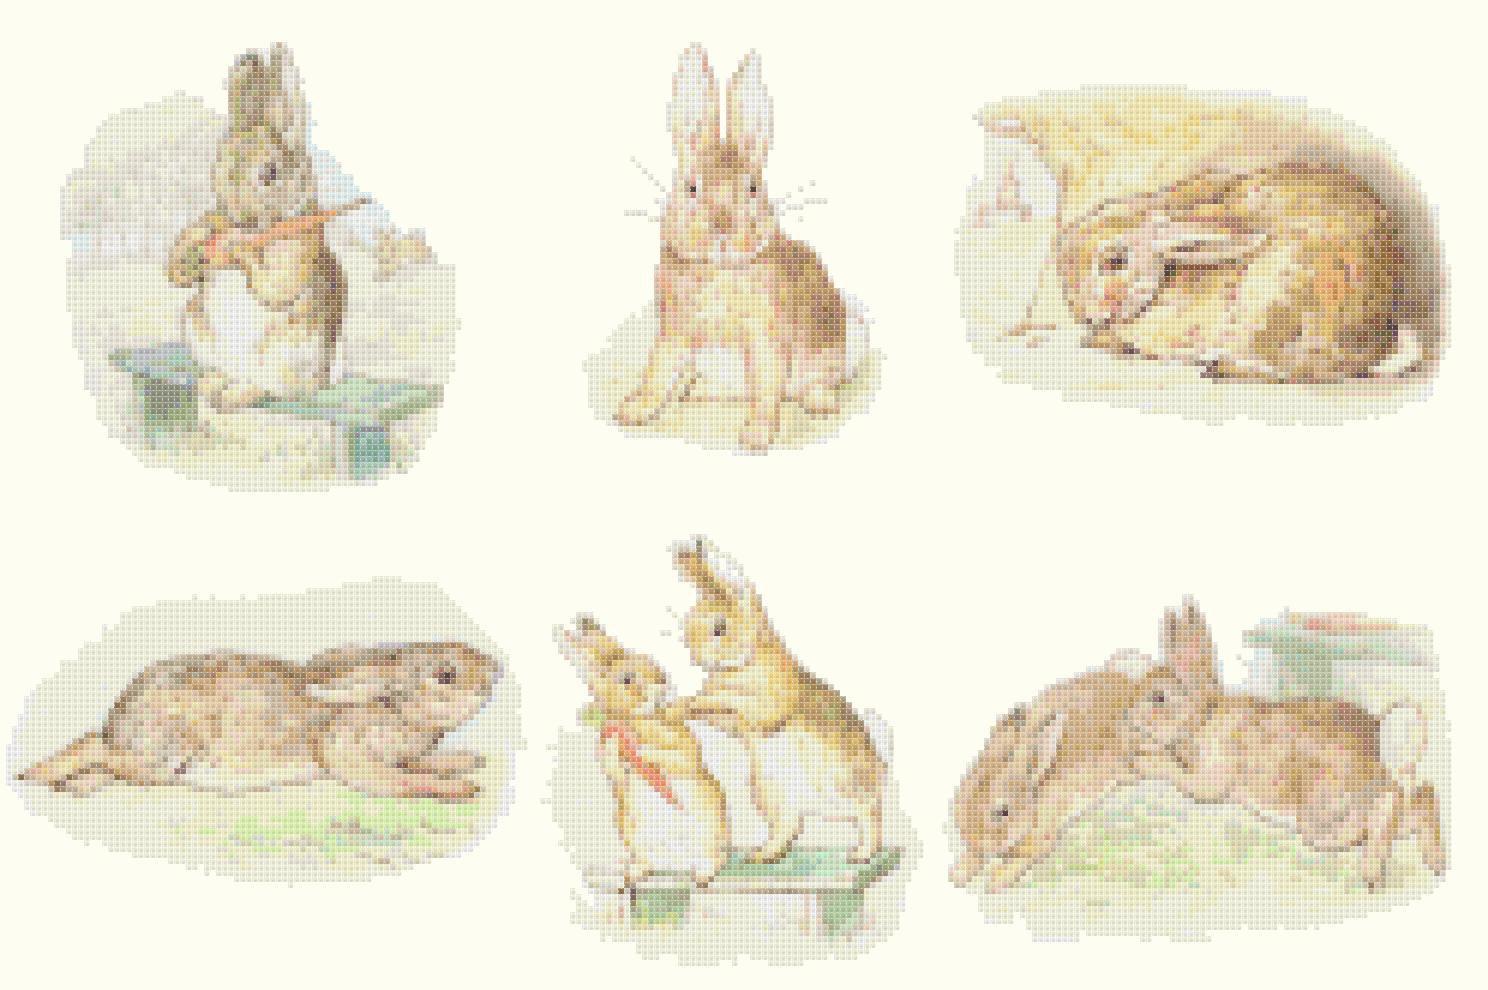 counted cross stitch pattern six scene bad rabbit Potter 241*154 stitches E1156